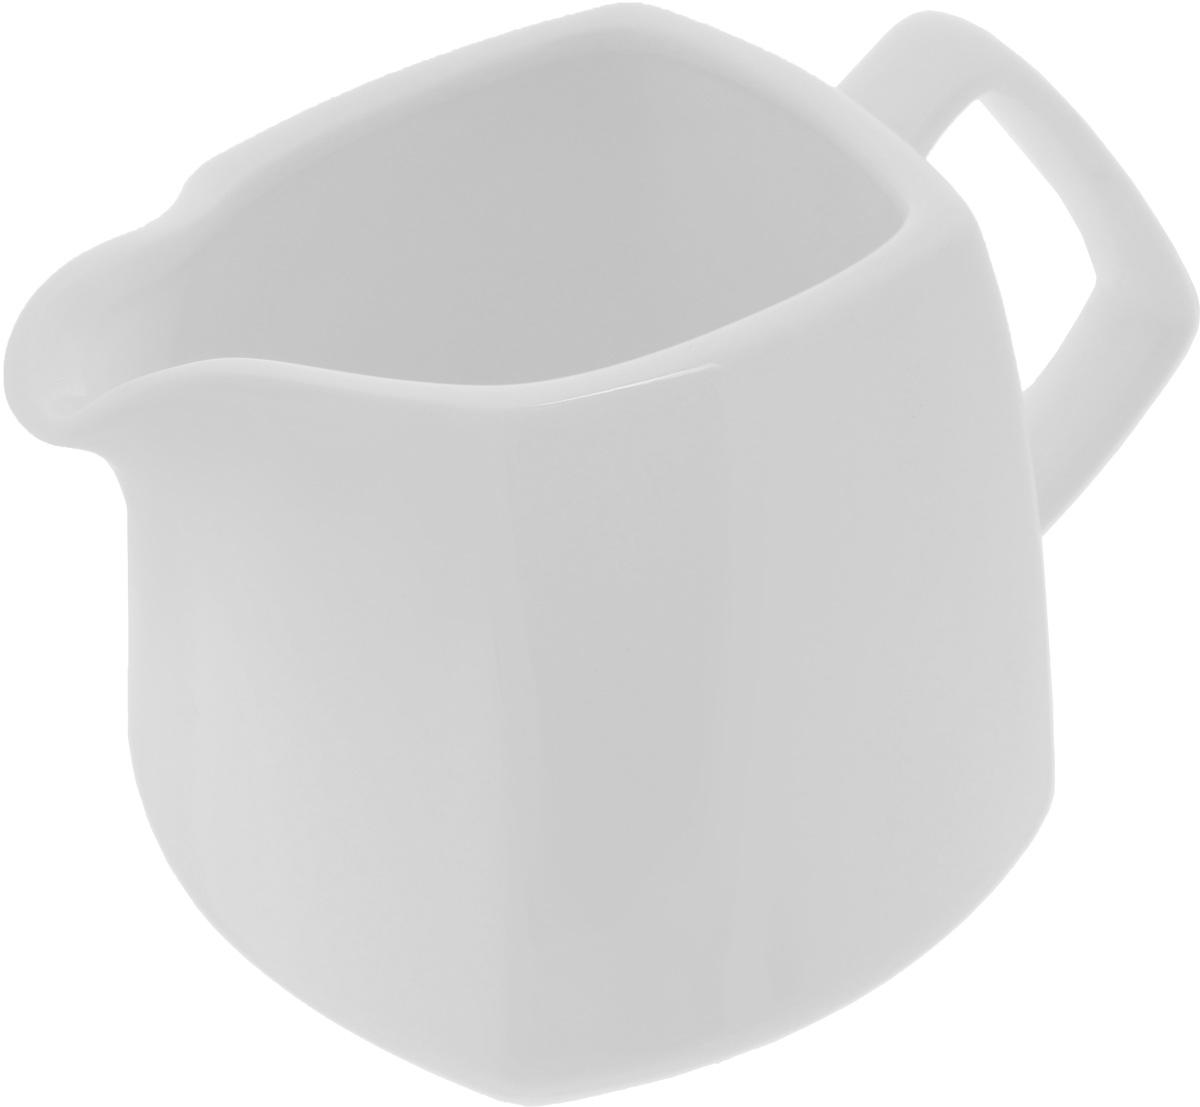 Молочник Wilmax, 310 мл115610Элегантный молочник Wilmax, выполненный из высококачественного фарфора с глазурованным покрытием, предназначен для подачи сливок, соуса и молока. Изящный, но в тоже время простой дизайн молочника, станет прекрасным украшением стола. Ширина молочника (с учетом ручки и носика): 13,5 см.Высота молочника: 8,8 см.